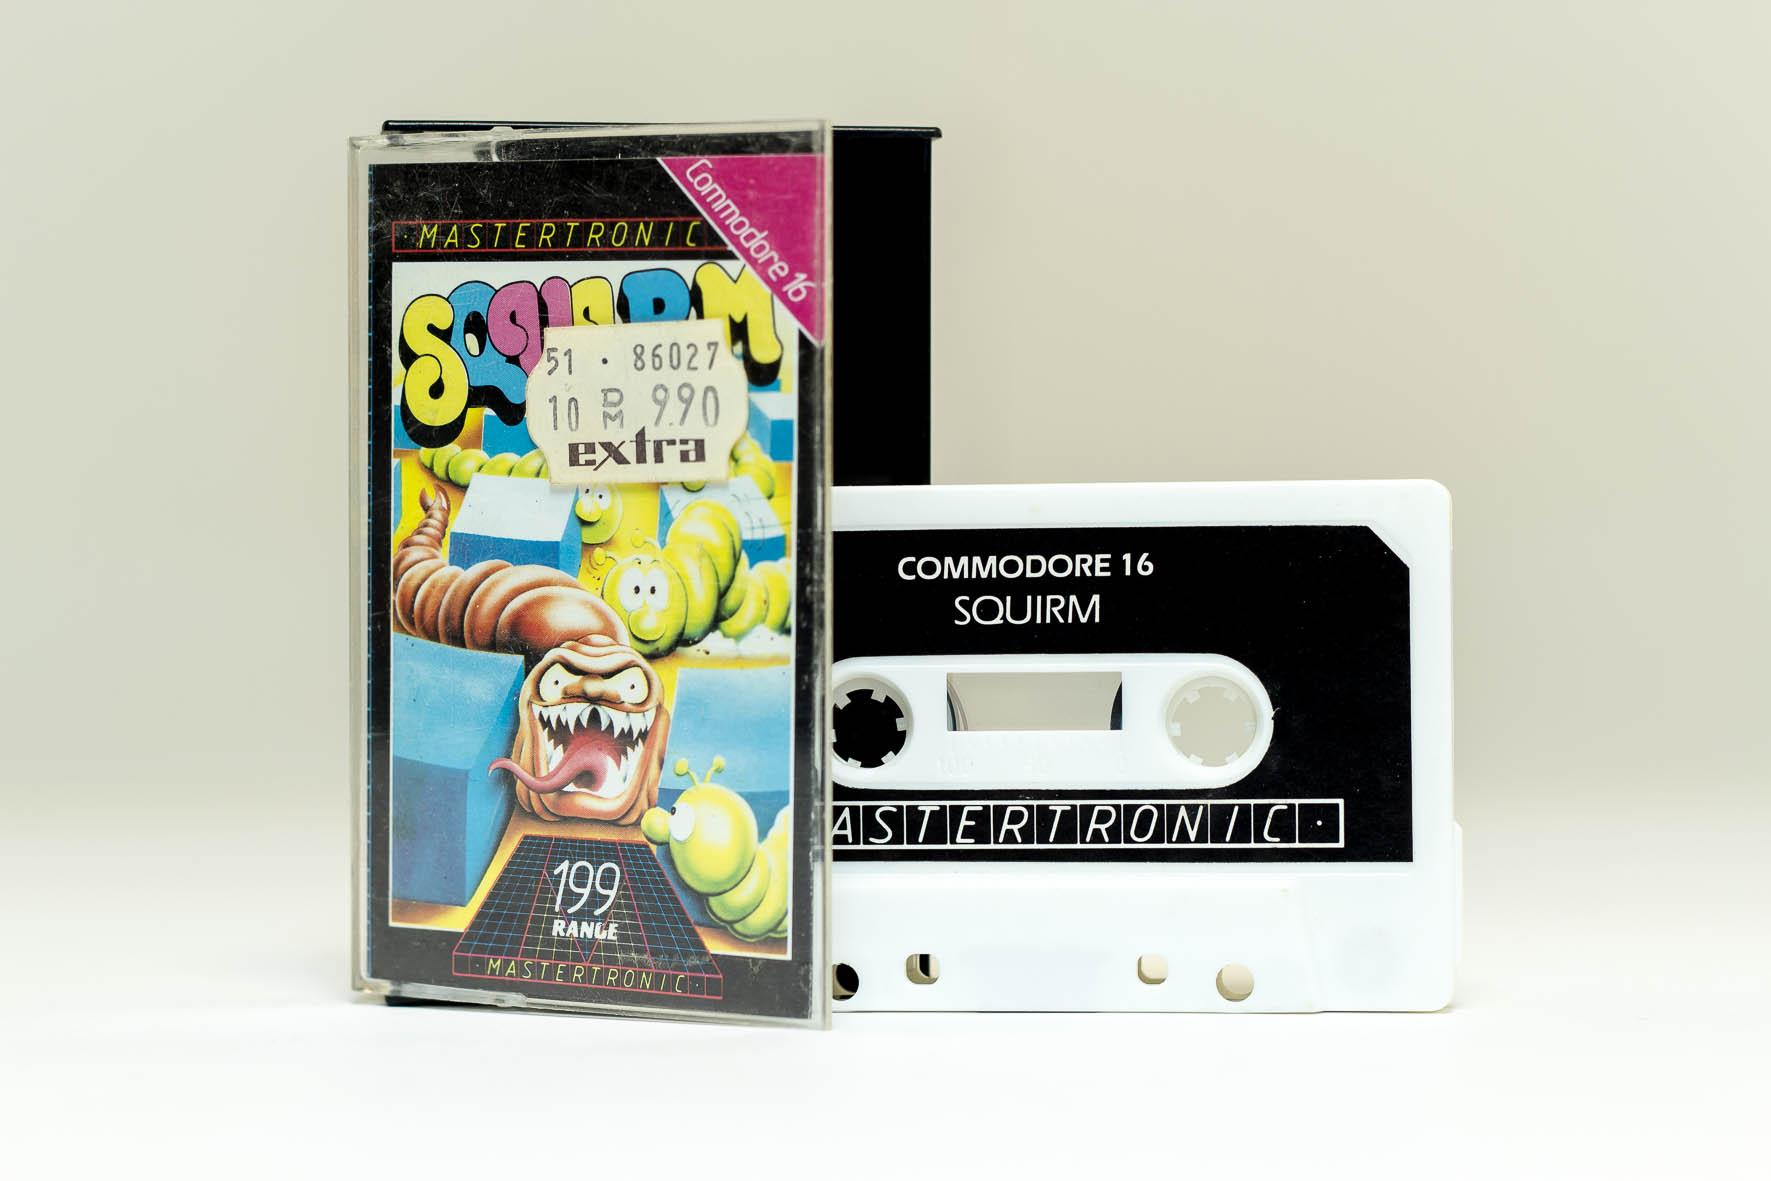 Squirm von Mastertronic: Original Kassette inkl. Schutzhülle. (Bild: Claudio Lione)